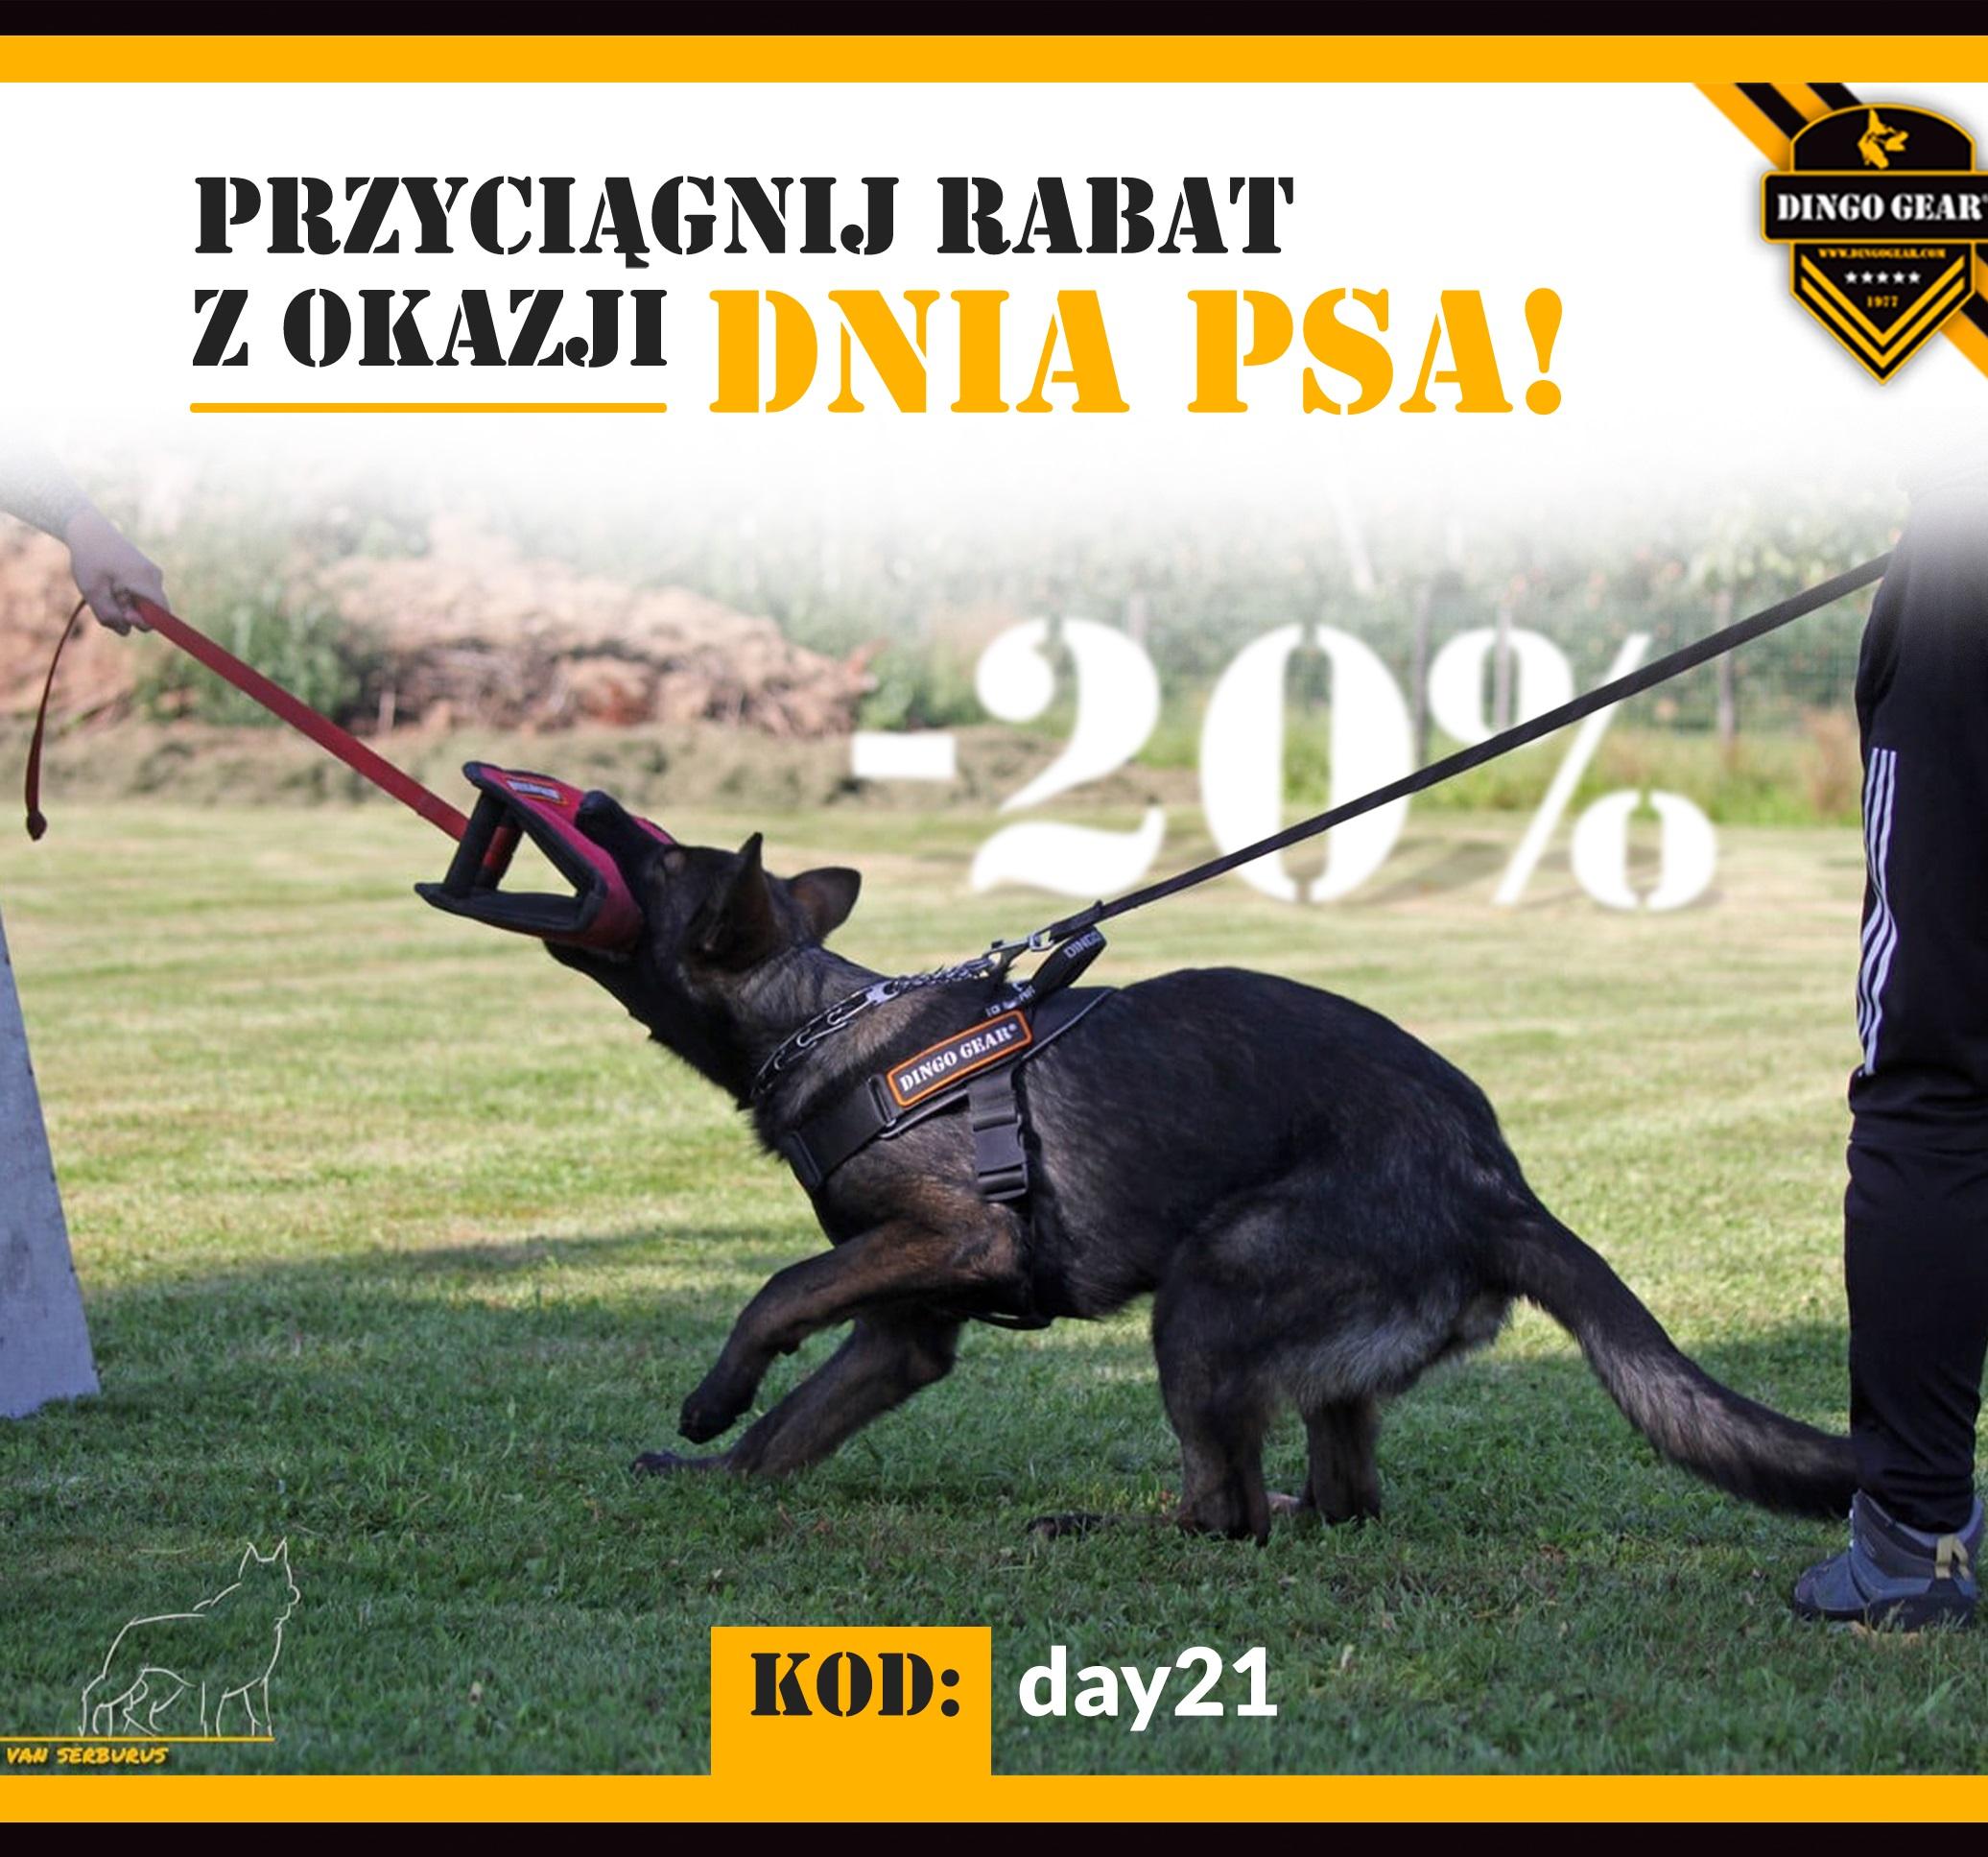 Gearowa promocja na Dzień Psa-przyciągnij rabat!!!